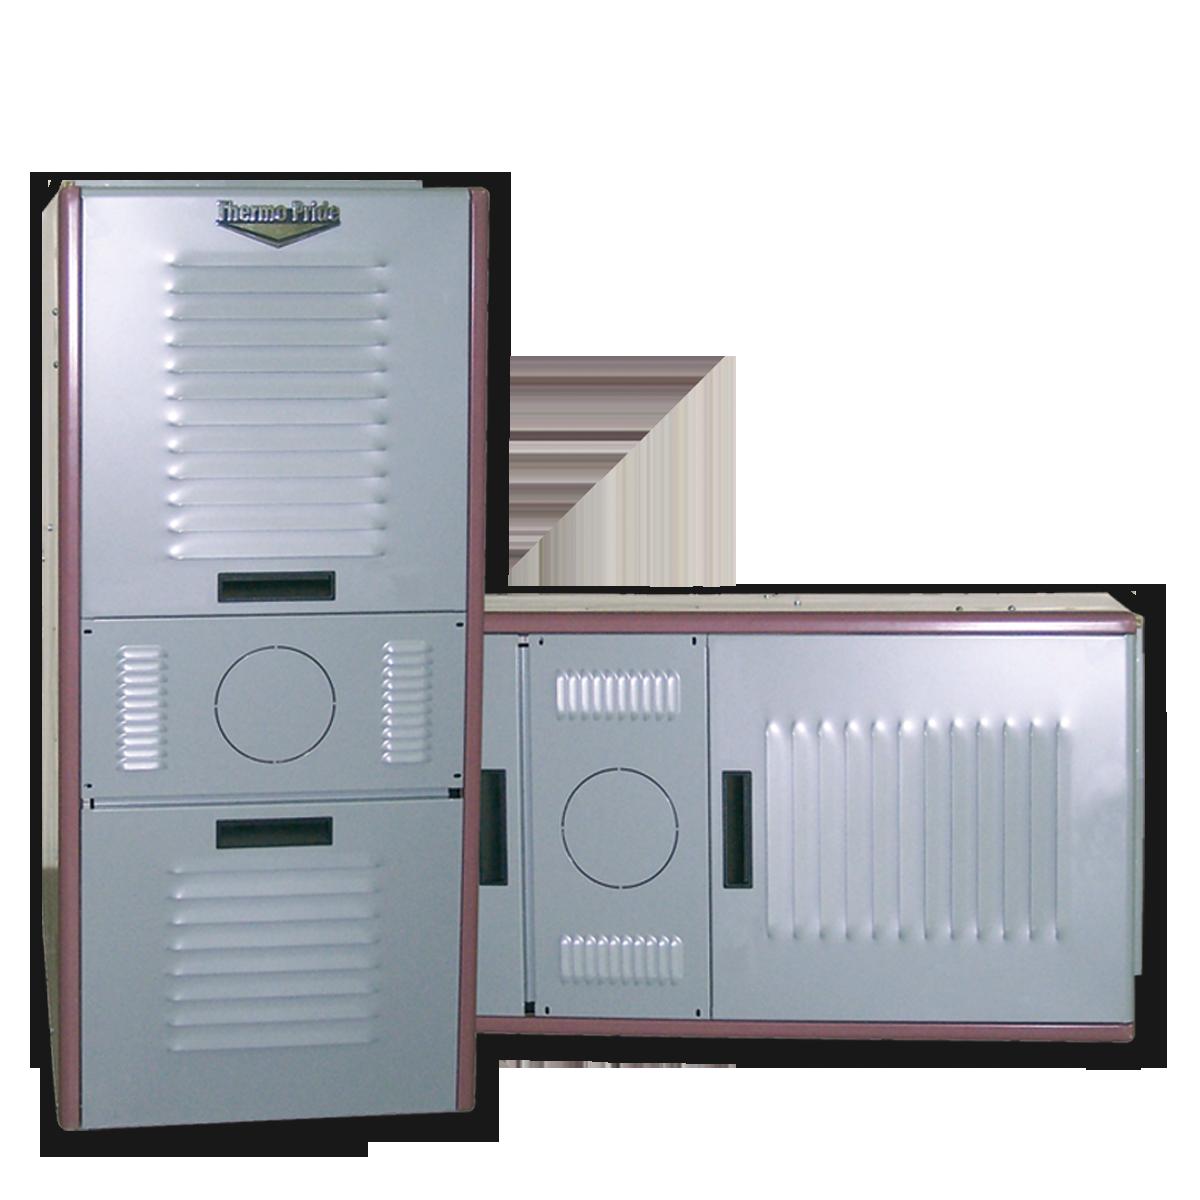 C.E. KiffHot Air Furnace Heating Systems - Delhi, NY | C.E. Kiff, Inc.